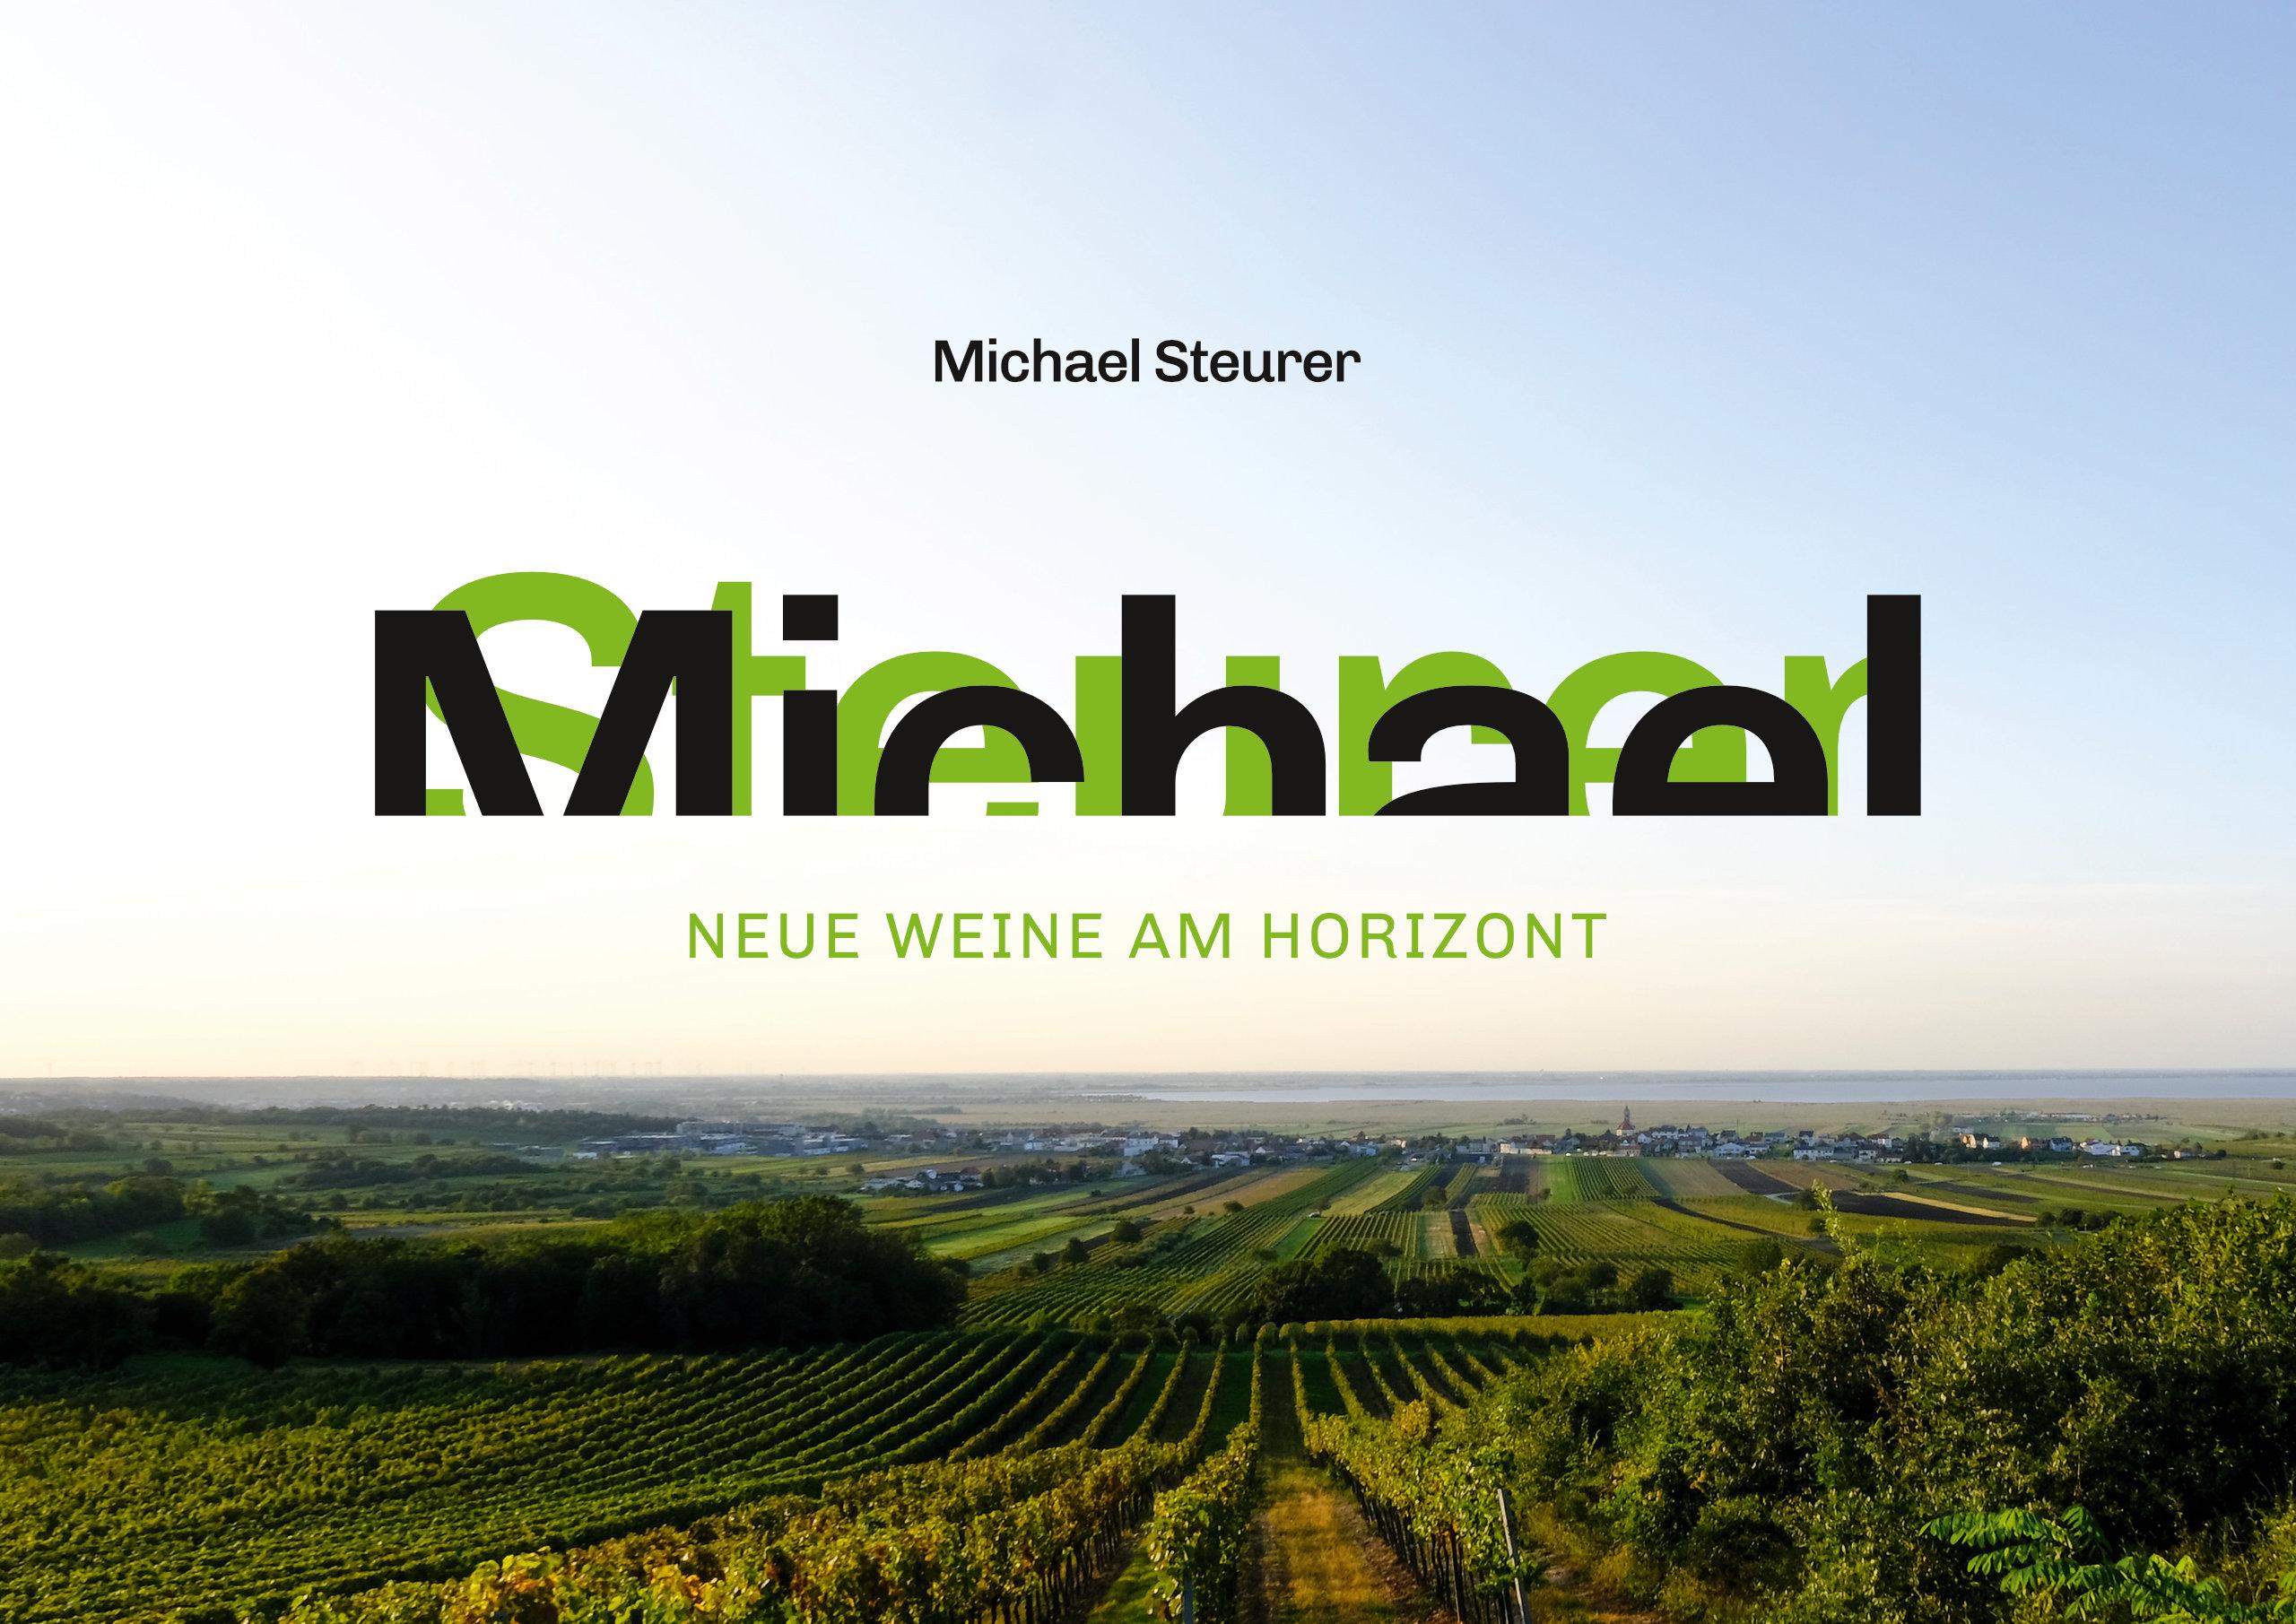 Michael Steurer NEUE WEINE AM HORIZONT